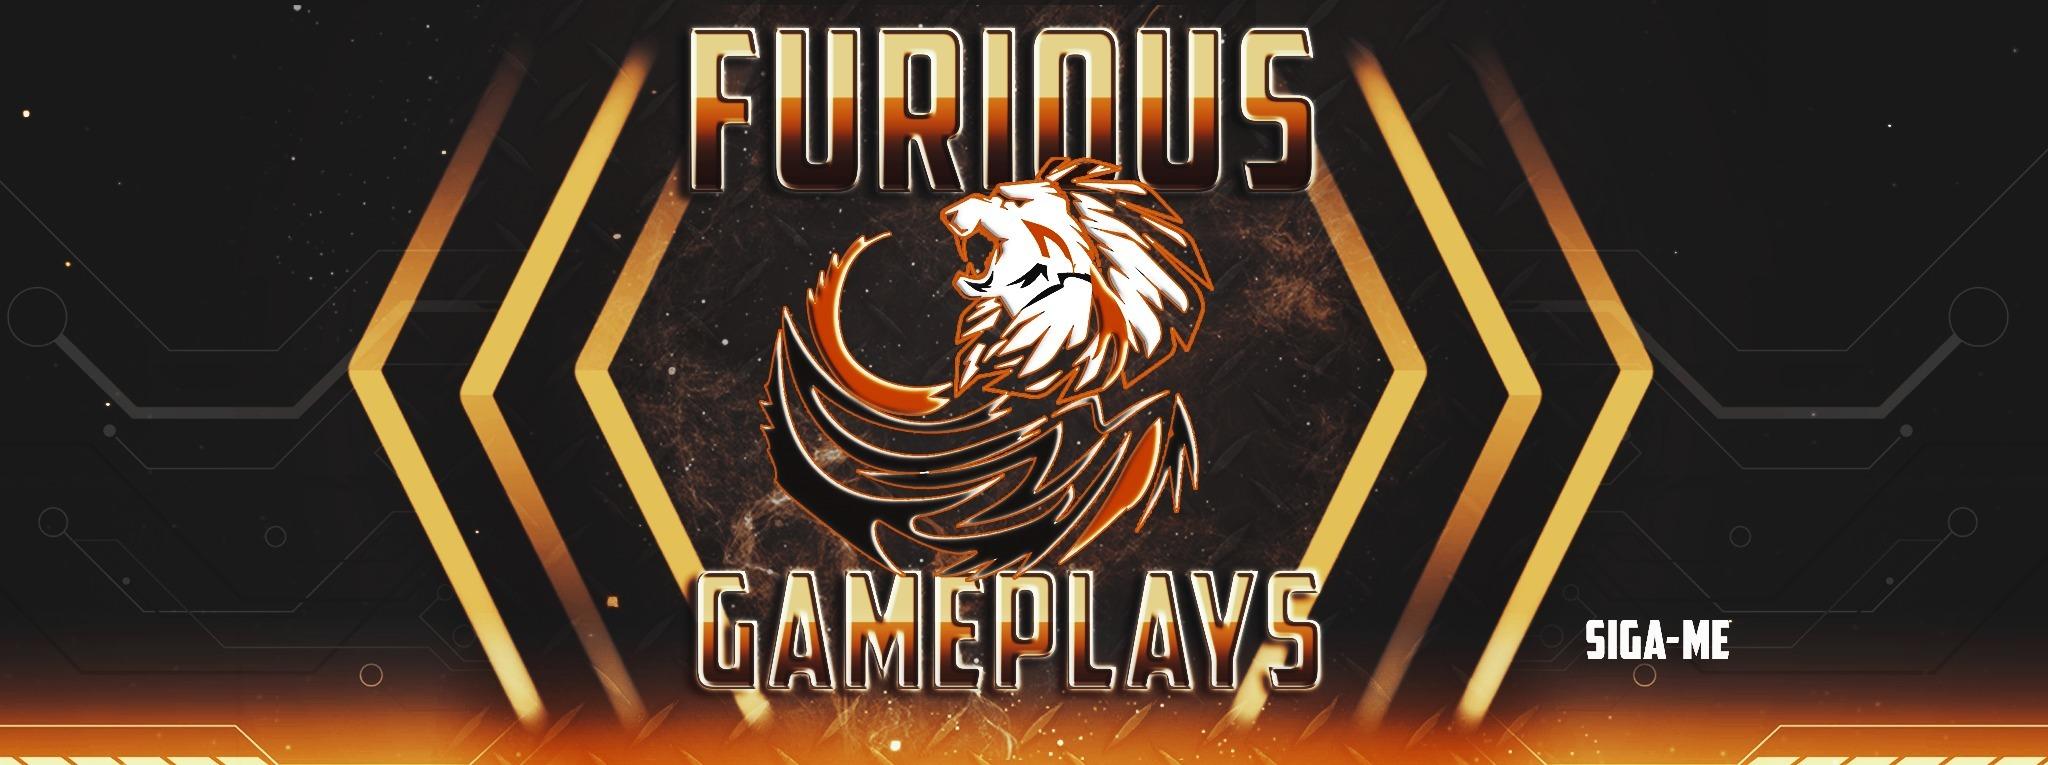 Furious Gameplays (@furiousgameplays) Cover Image